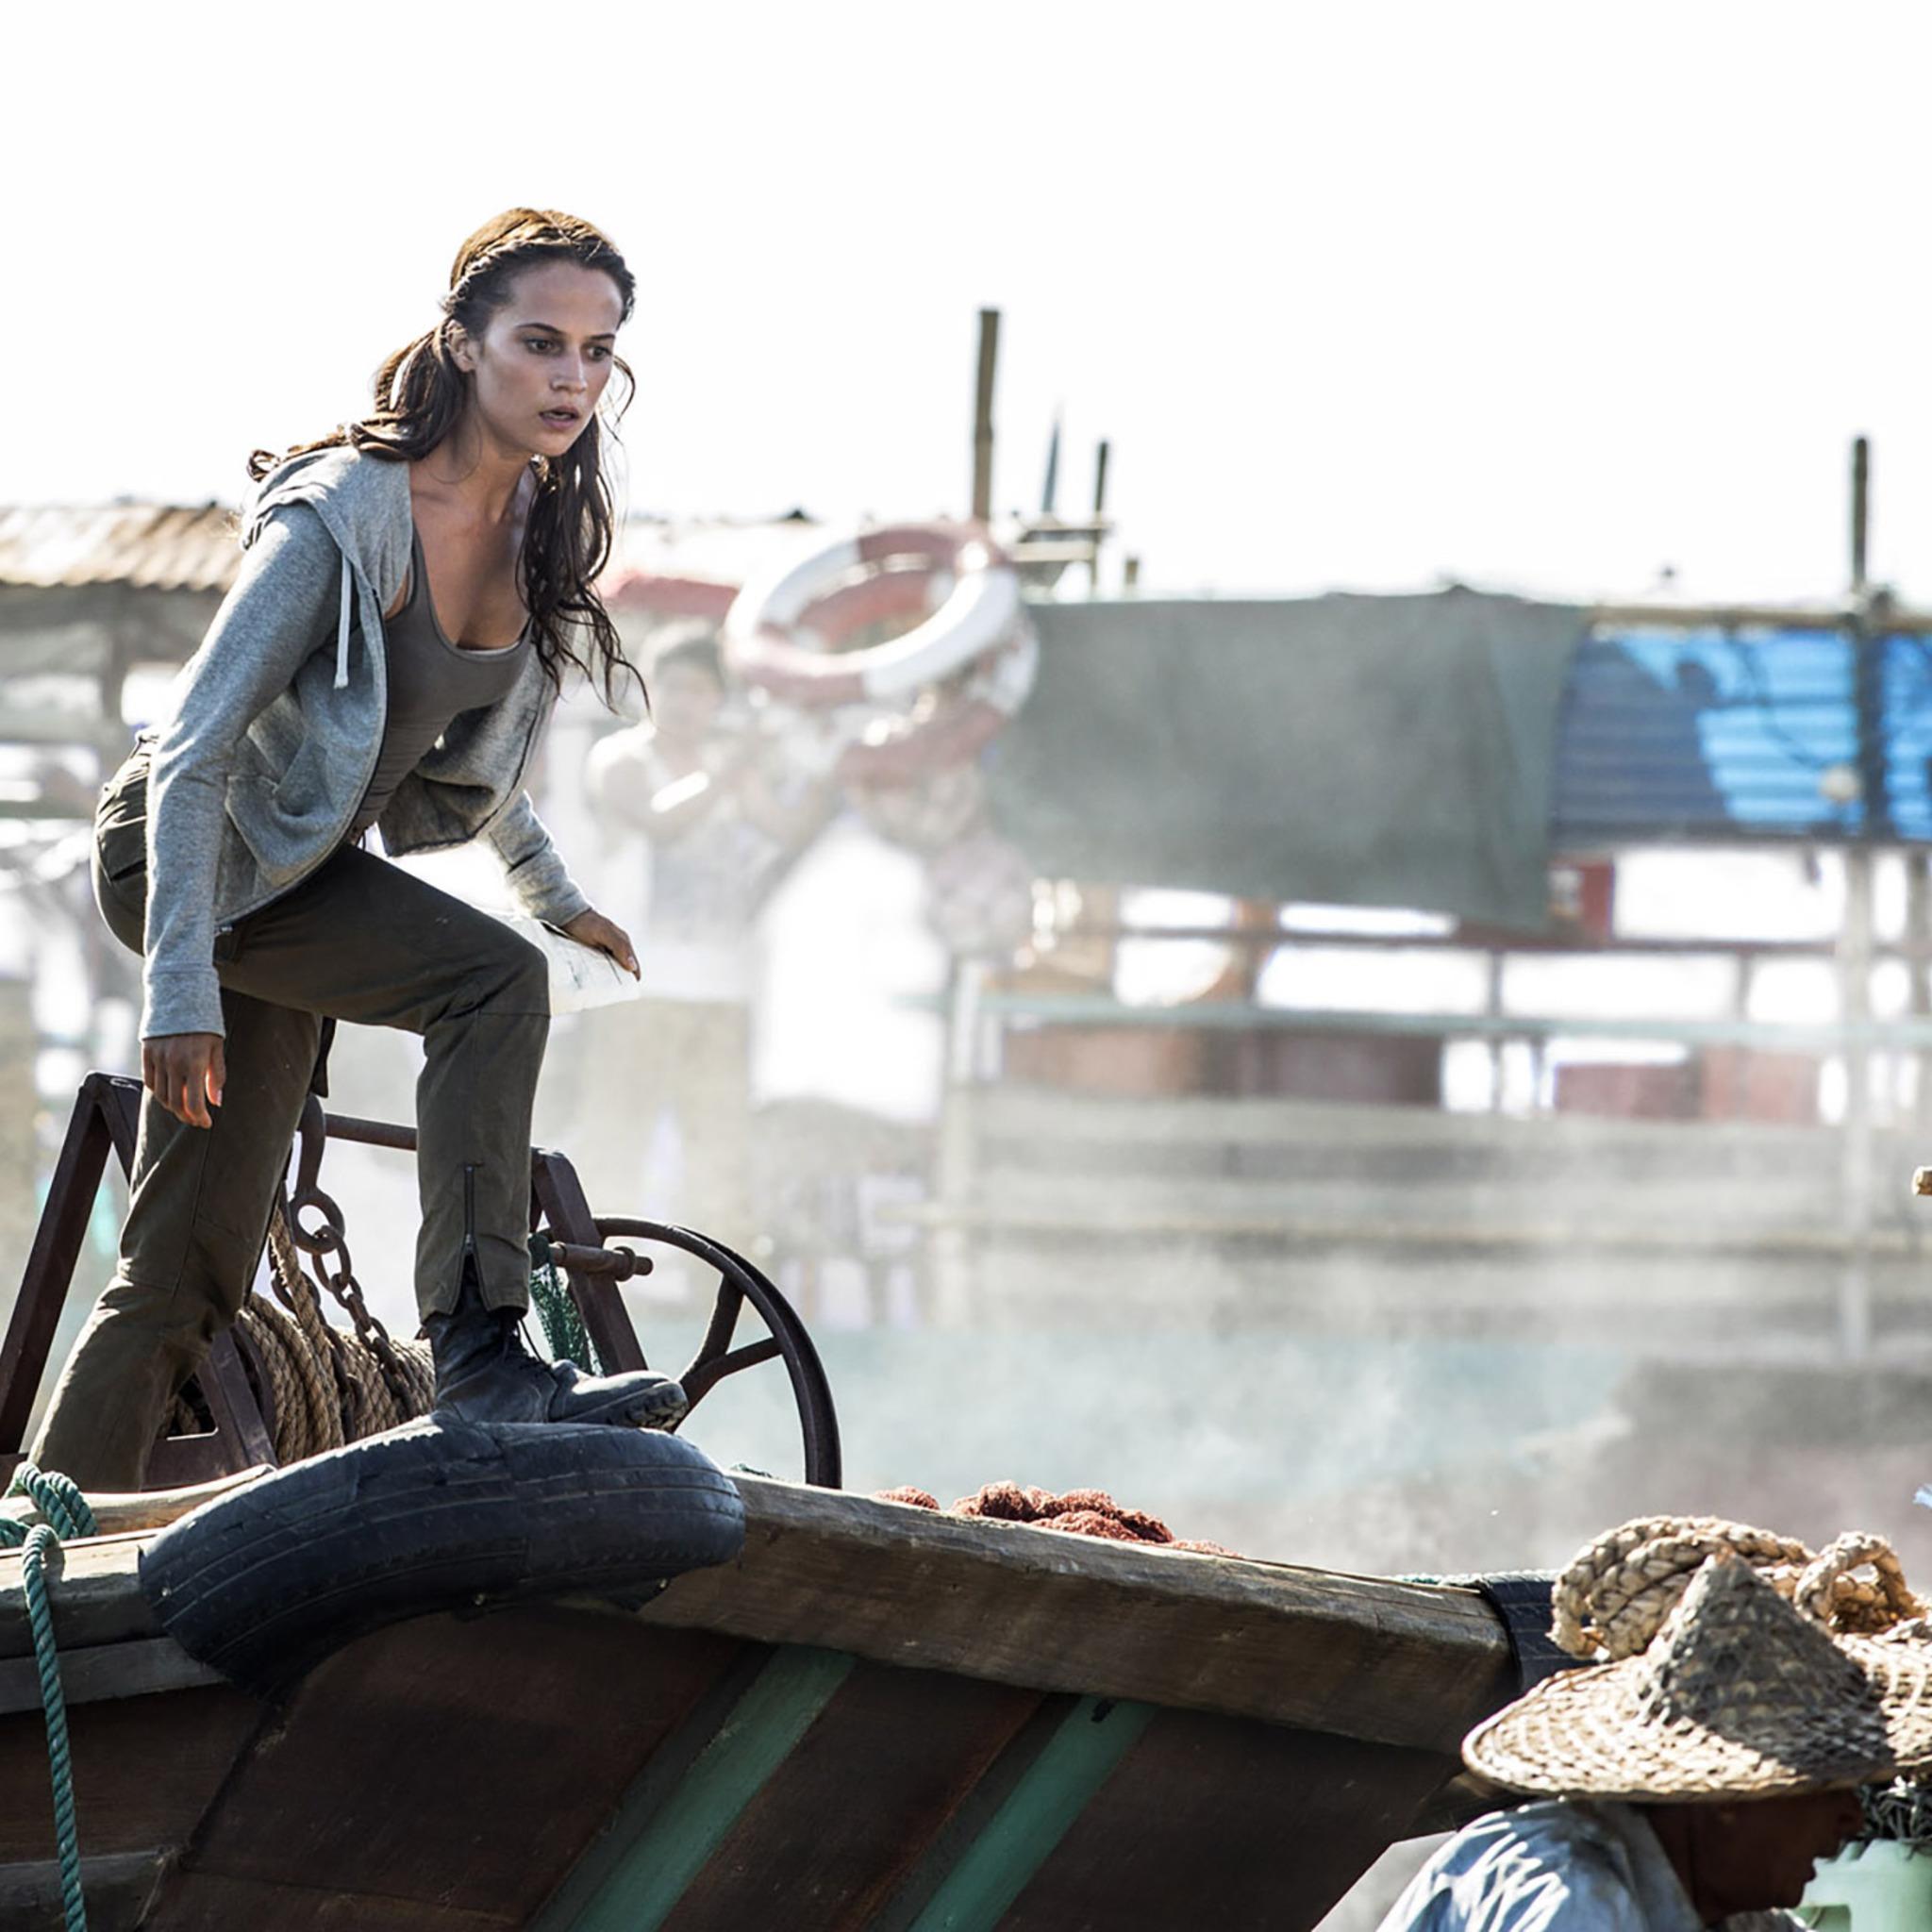 Tomb Rider Wallpaper: 2048x2048 Tomb Raider 2018 Alicia Vikander Movie Ipad Air